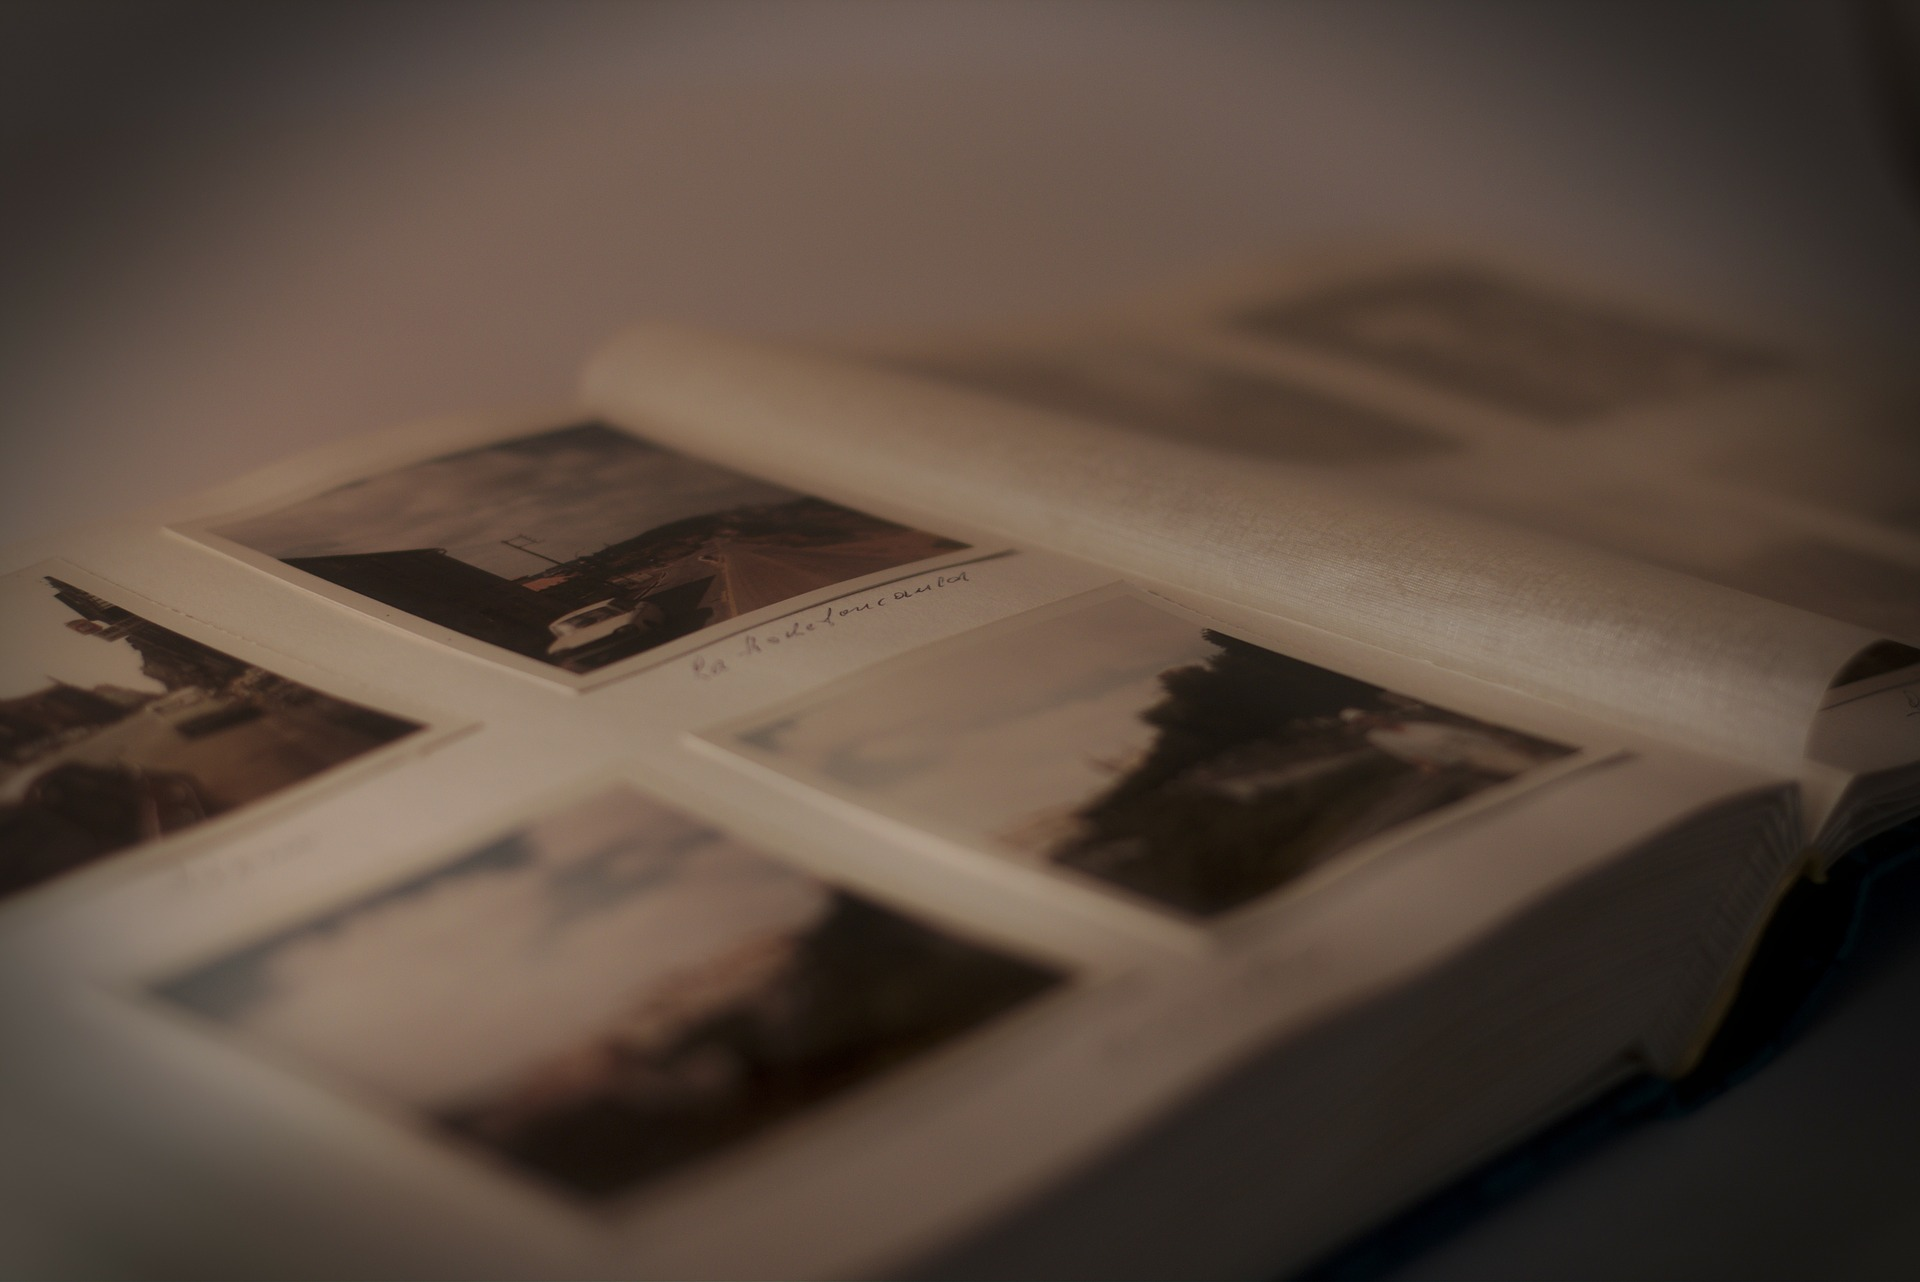 photo-album-235603_1920